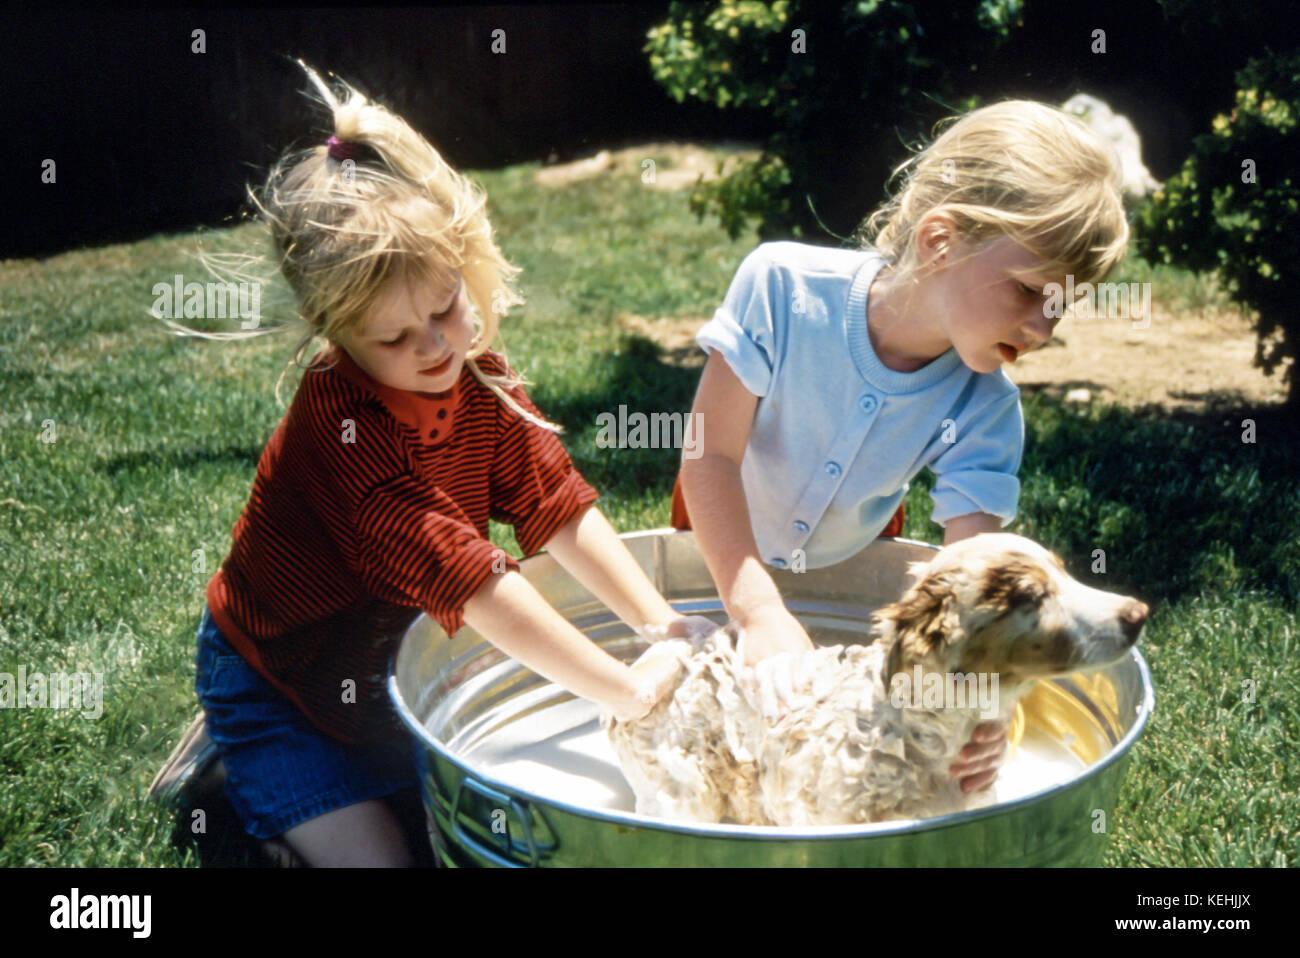 child dog bath stock photos u0026 child dog bath stock images alamy